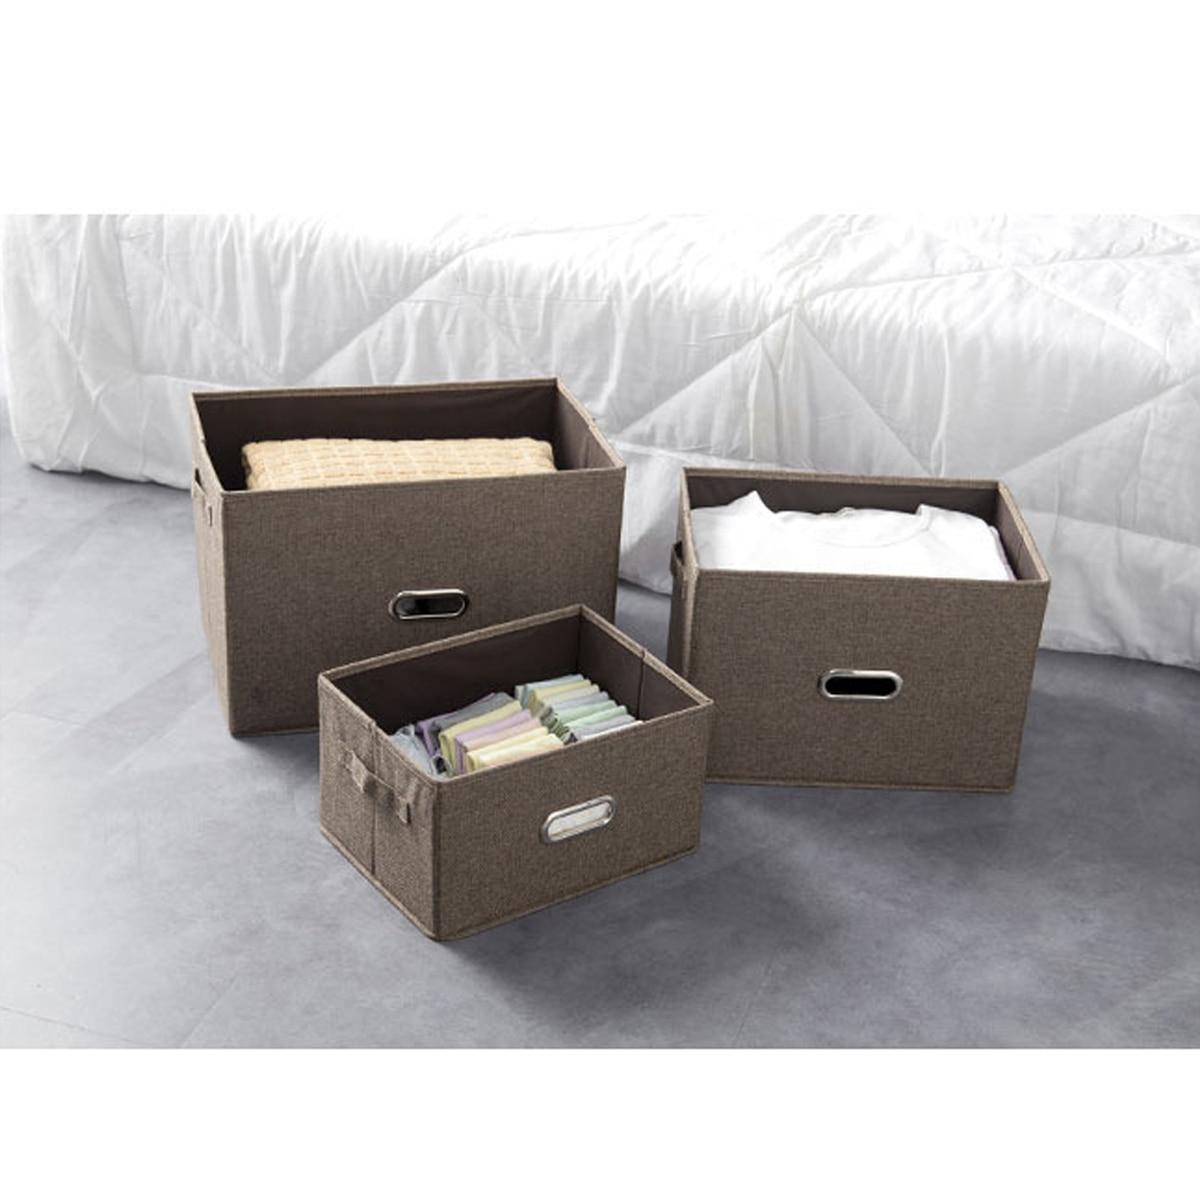 Acheter Café S/M/L Pliable Signature Coton Tissu Organisateur Cube De Rangement Box Pour Des Vêtements Quilt Maison De Stockage Collecte boîtes Bacs de Boîtes De Rangement fiable fournisseurs